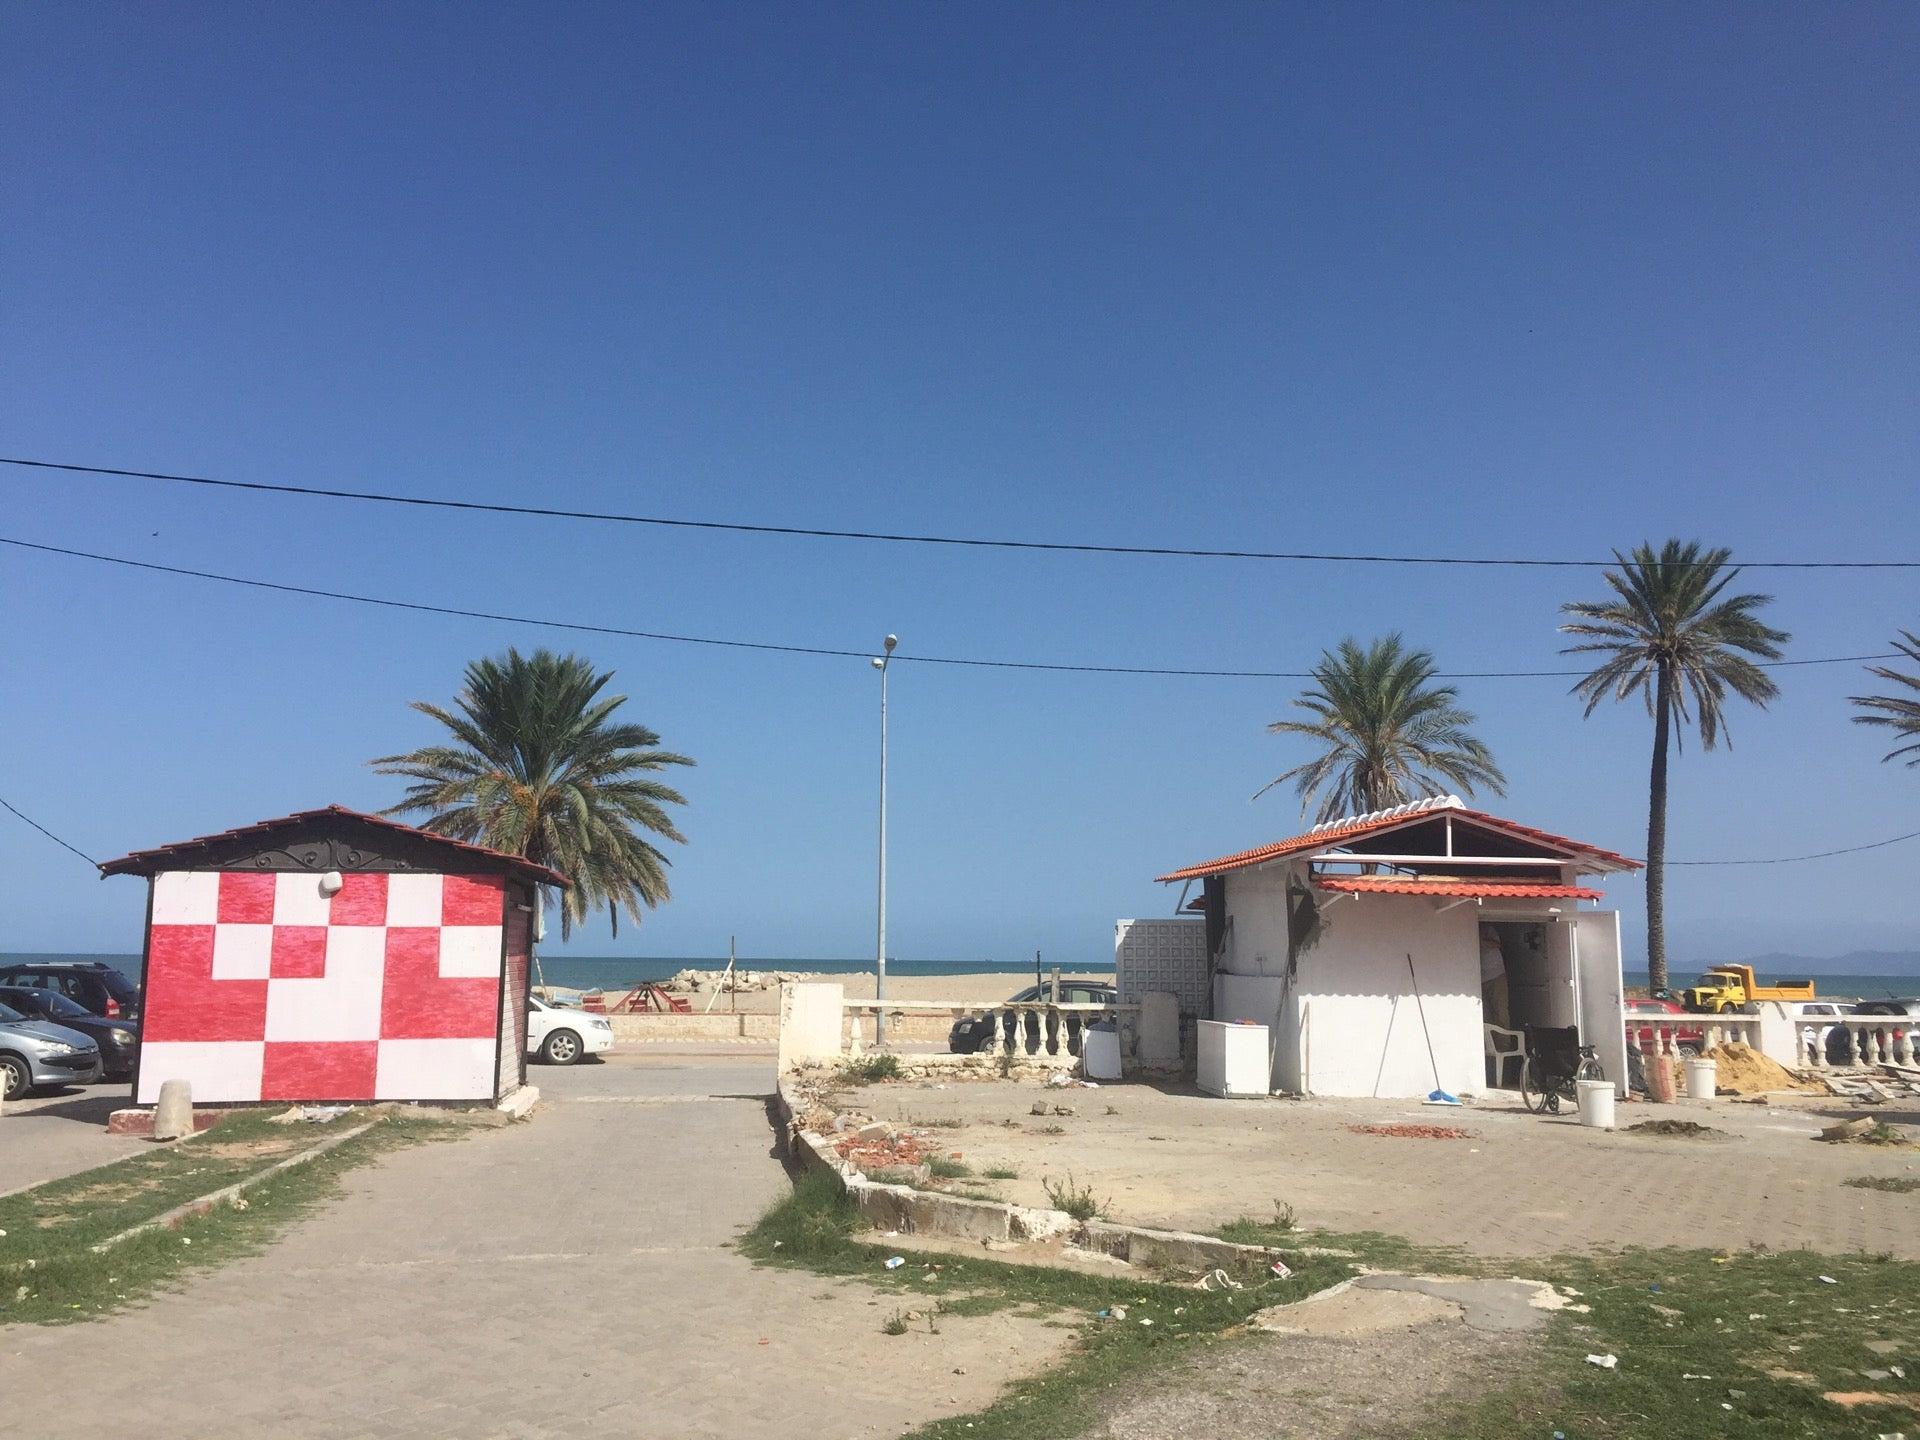 Gay de tunis ville - Home Facebook